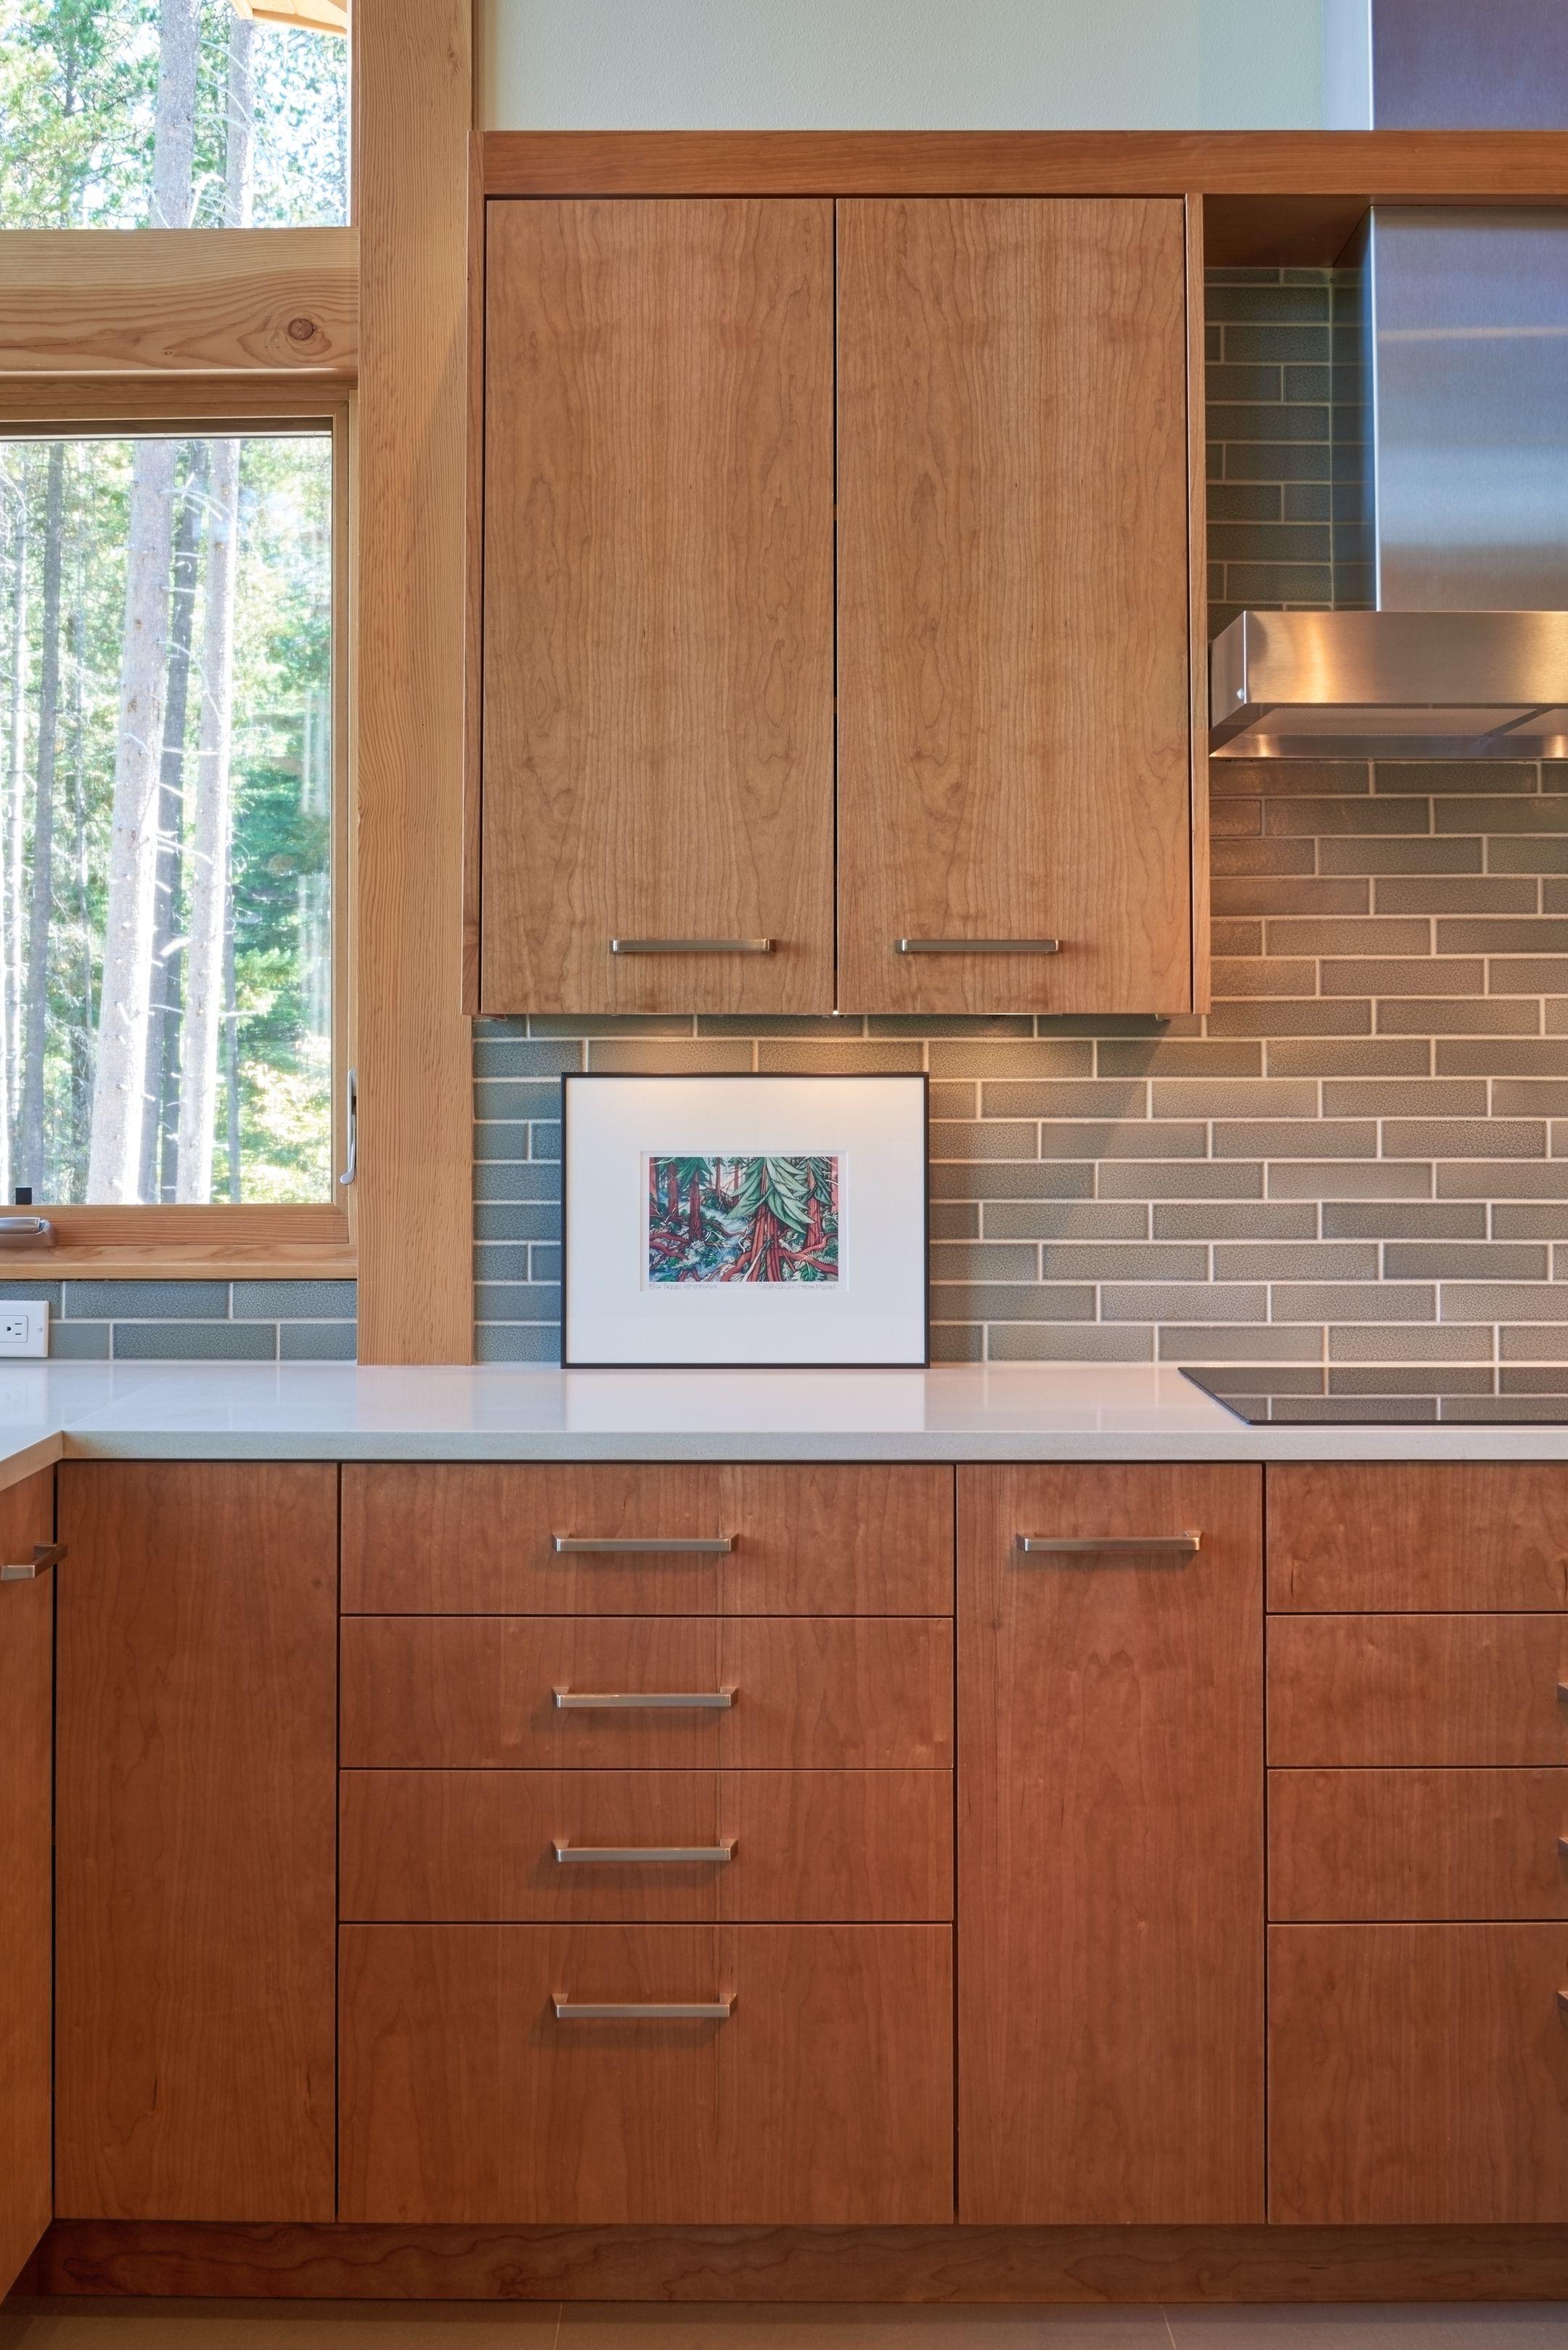 Vertical grain cherry cabinets and cream-colored quartz ...